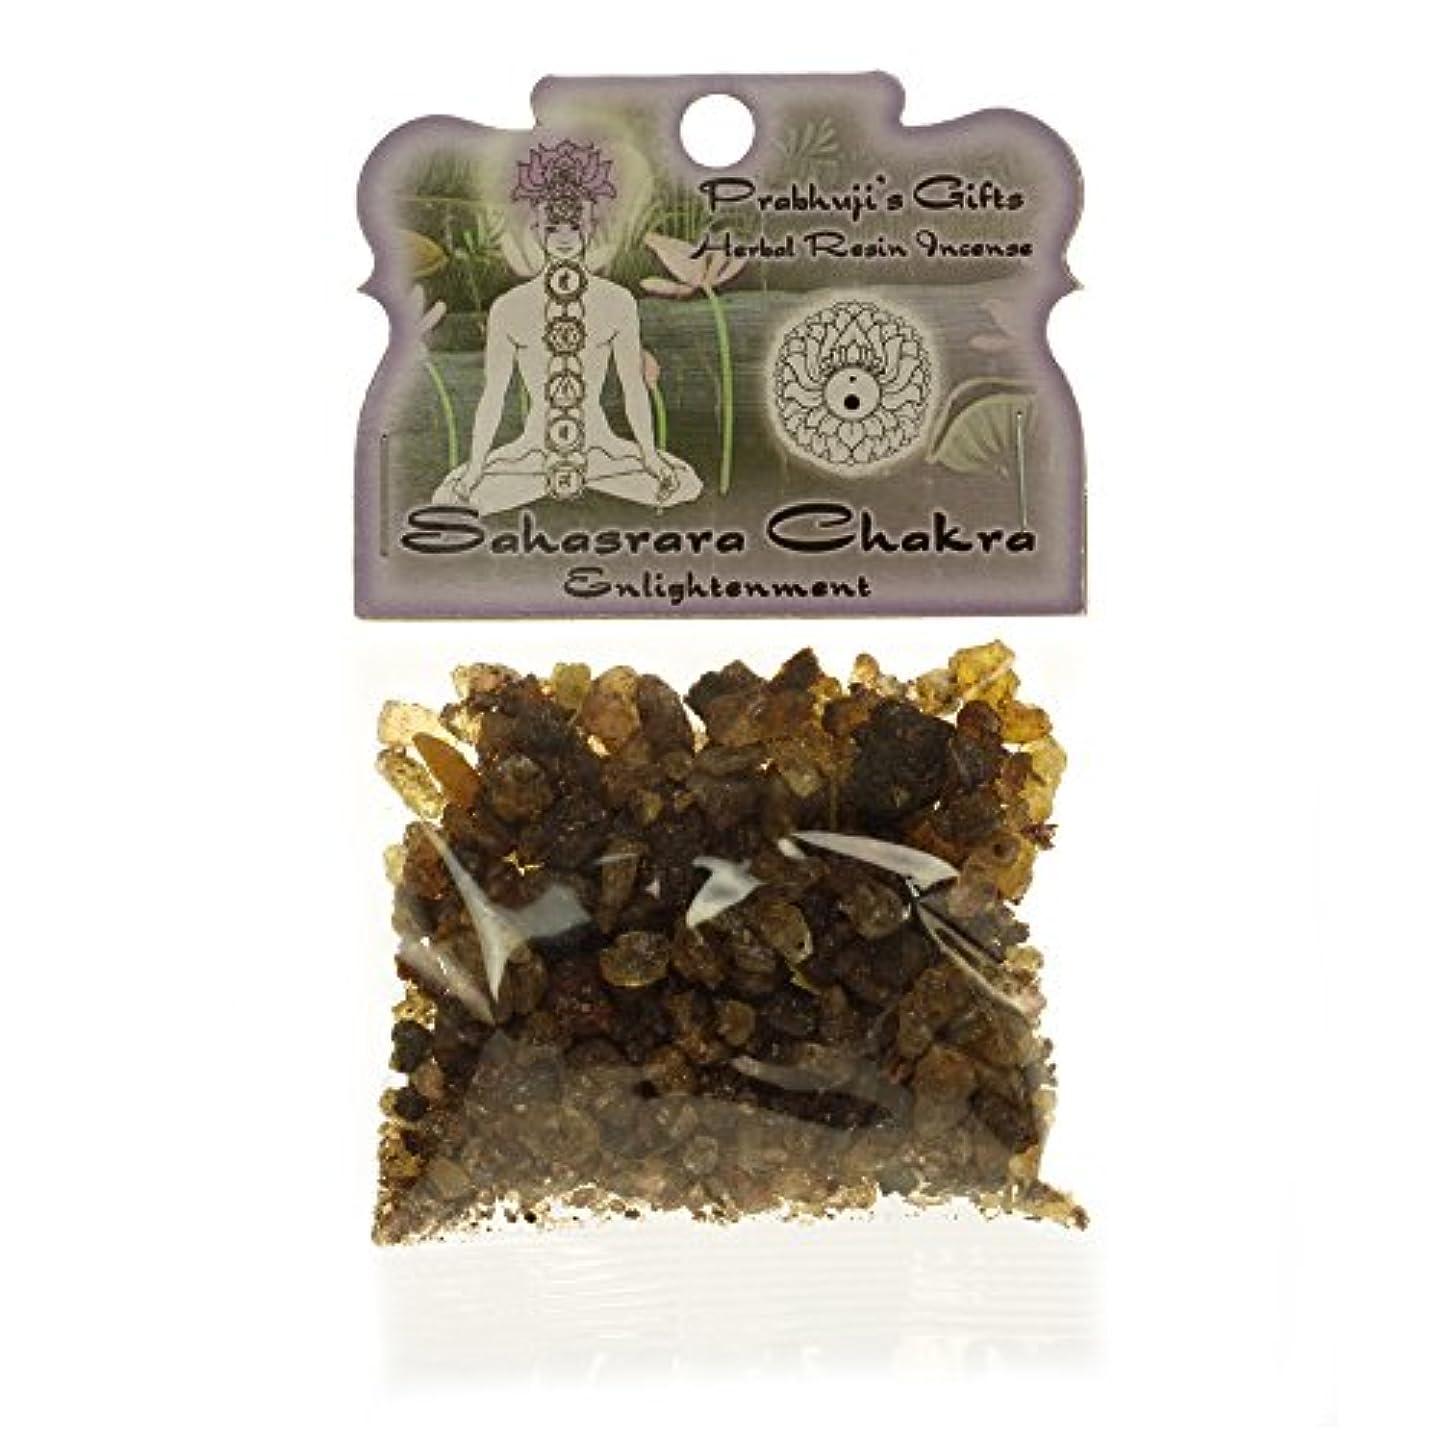 含めるなにによると樹脂Incense Crown Chakra Sahasrara – Enlightenment – 1.2ozバッグ